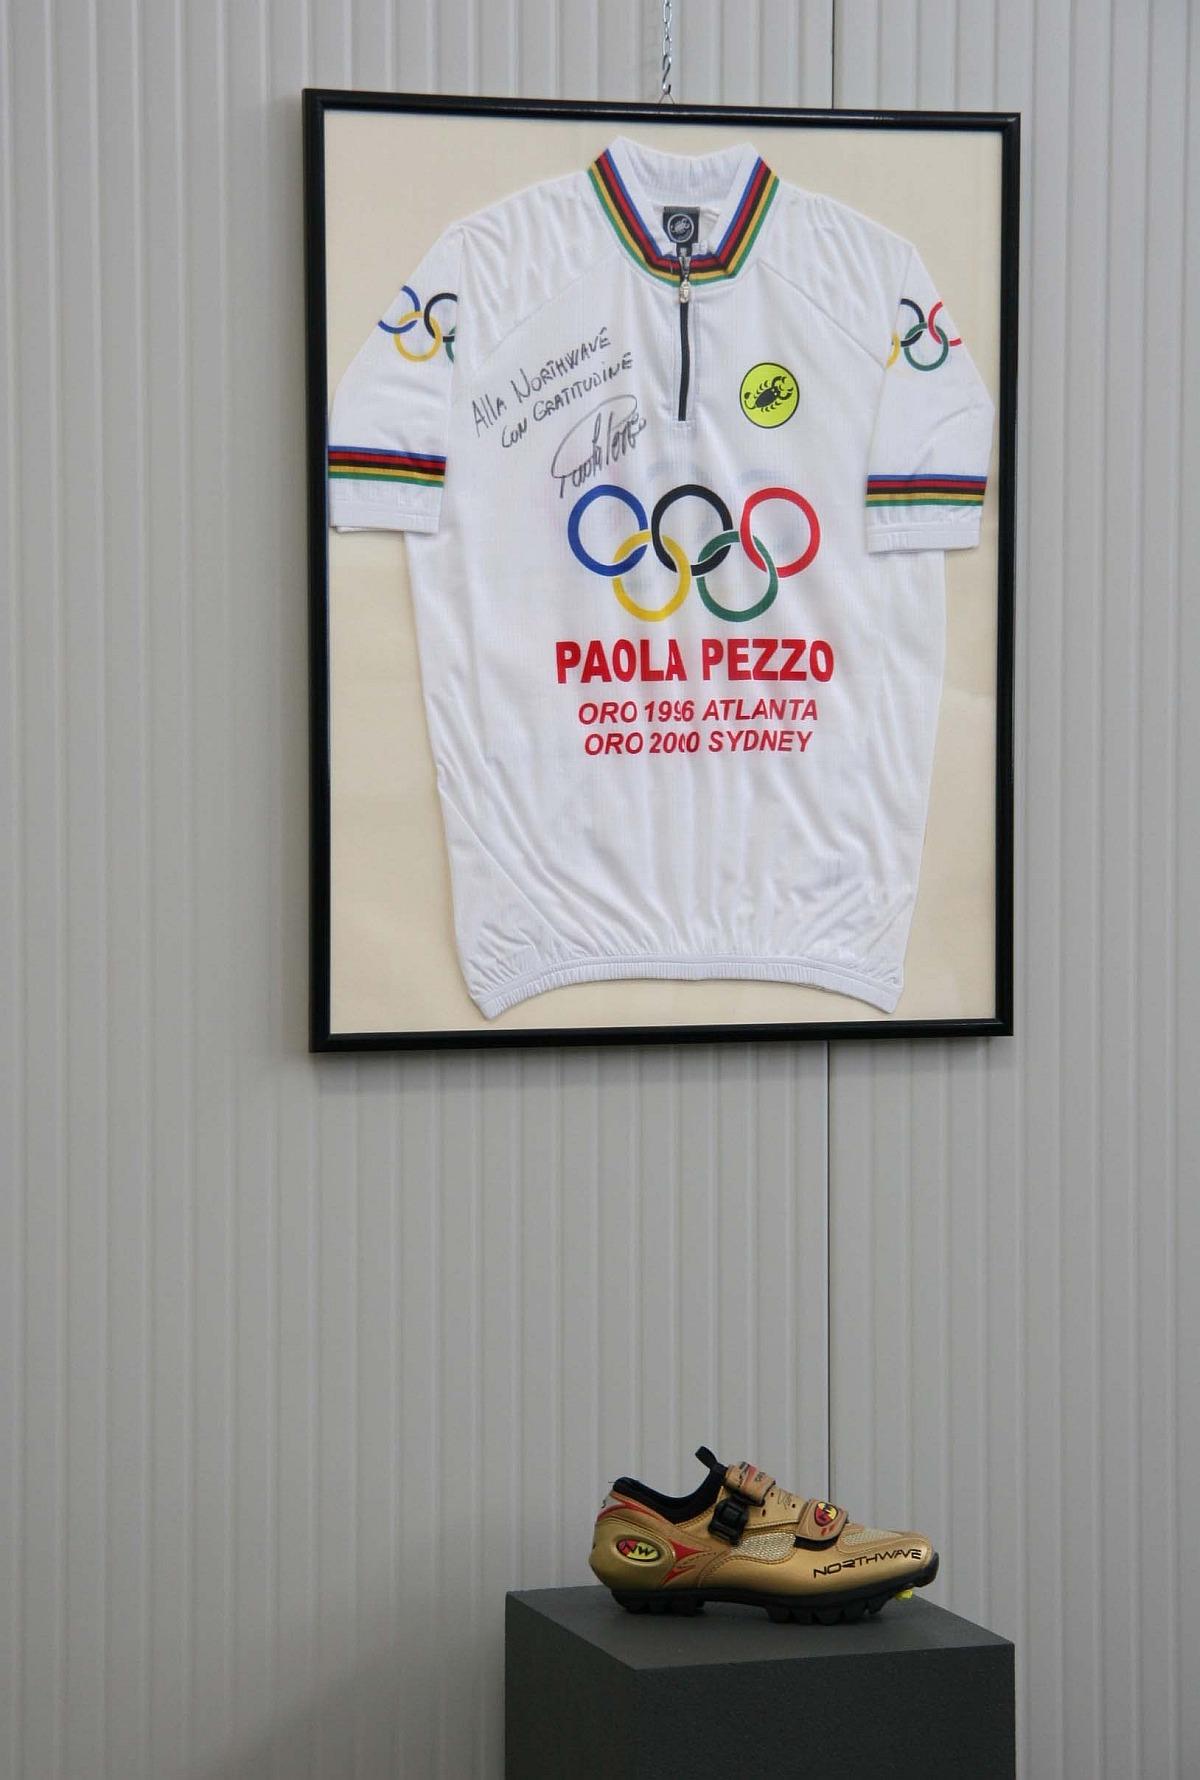 Paola Pezzo olimpiai bajnok aranyszínű cipellője Sidney-ből...